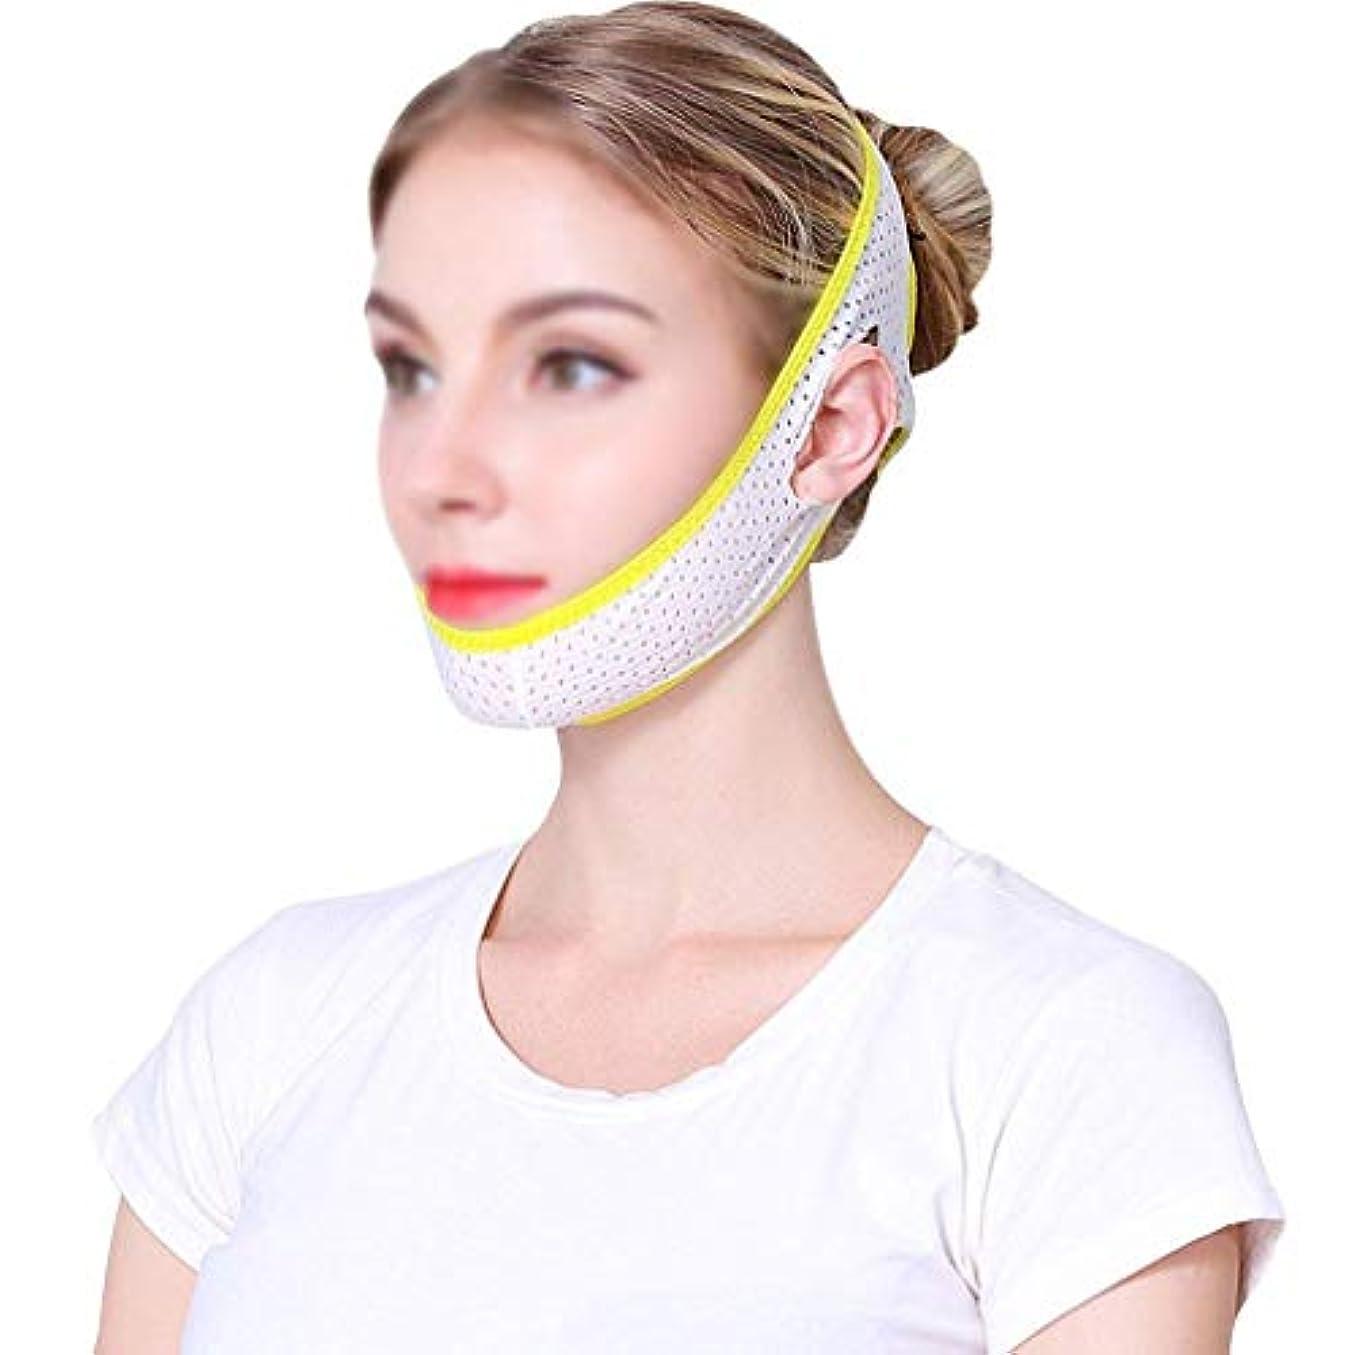 医薬装置熟読マスク、包帯、整形外科の夏の通気性の薄いセクション二重あごひものVの表面の薄いフェイスマスクを持ち上げて下さい